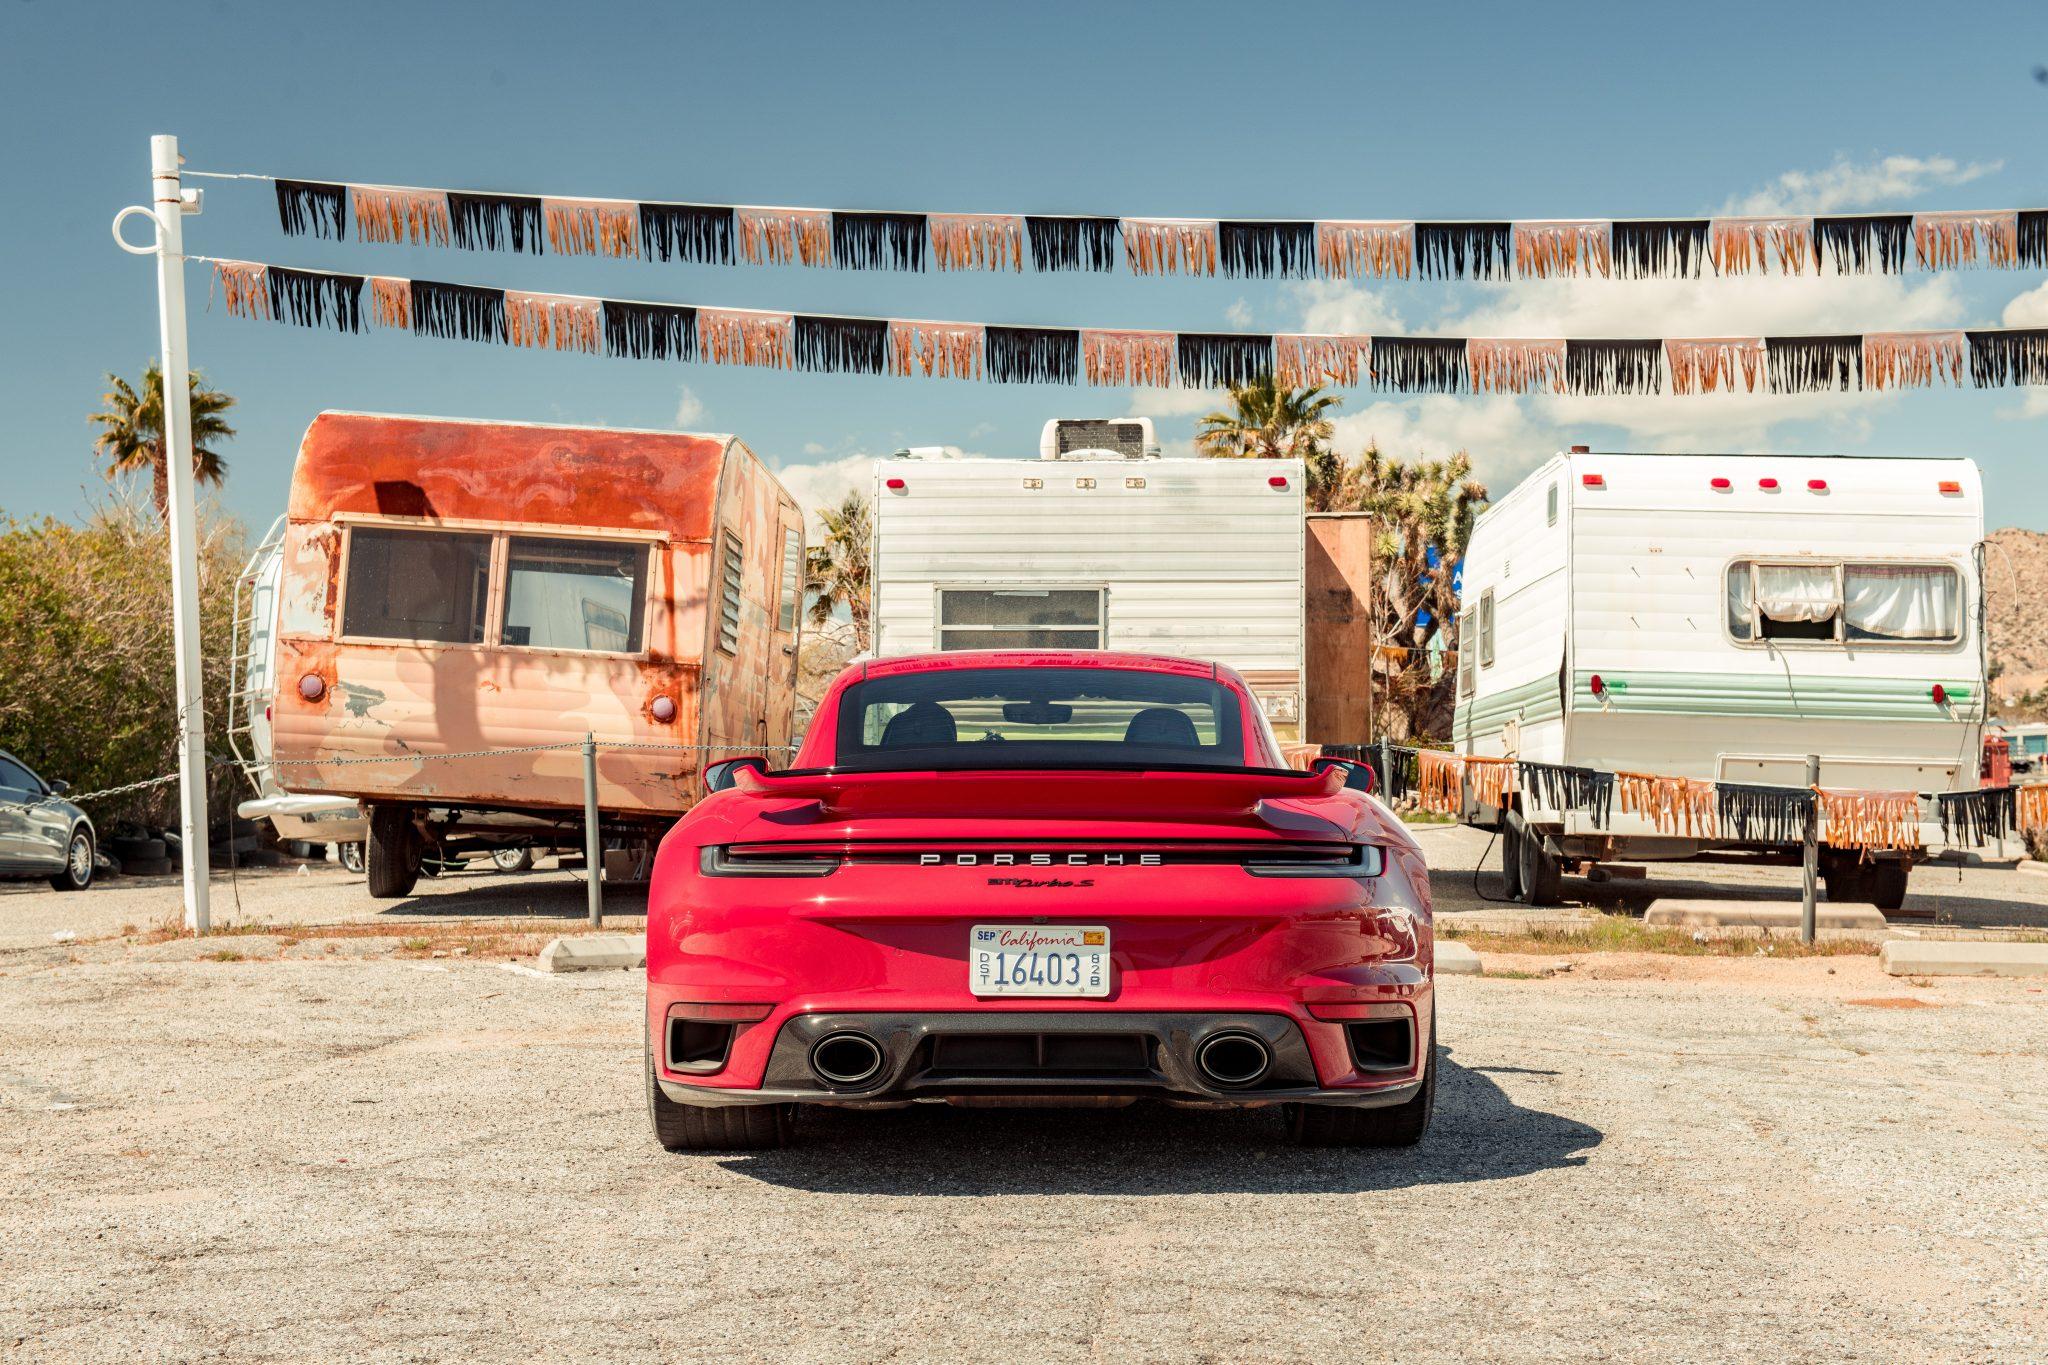 Porsche 911 Turbo S (992) bij caravans en campers op camping in Amerika